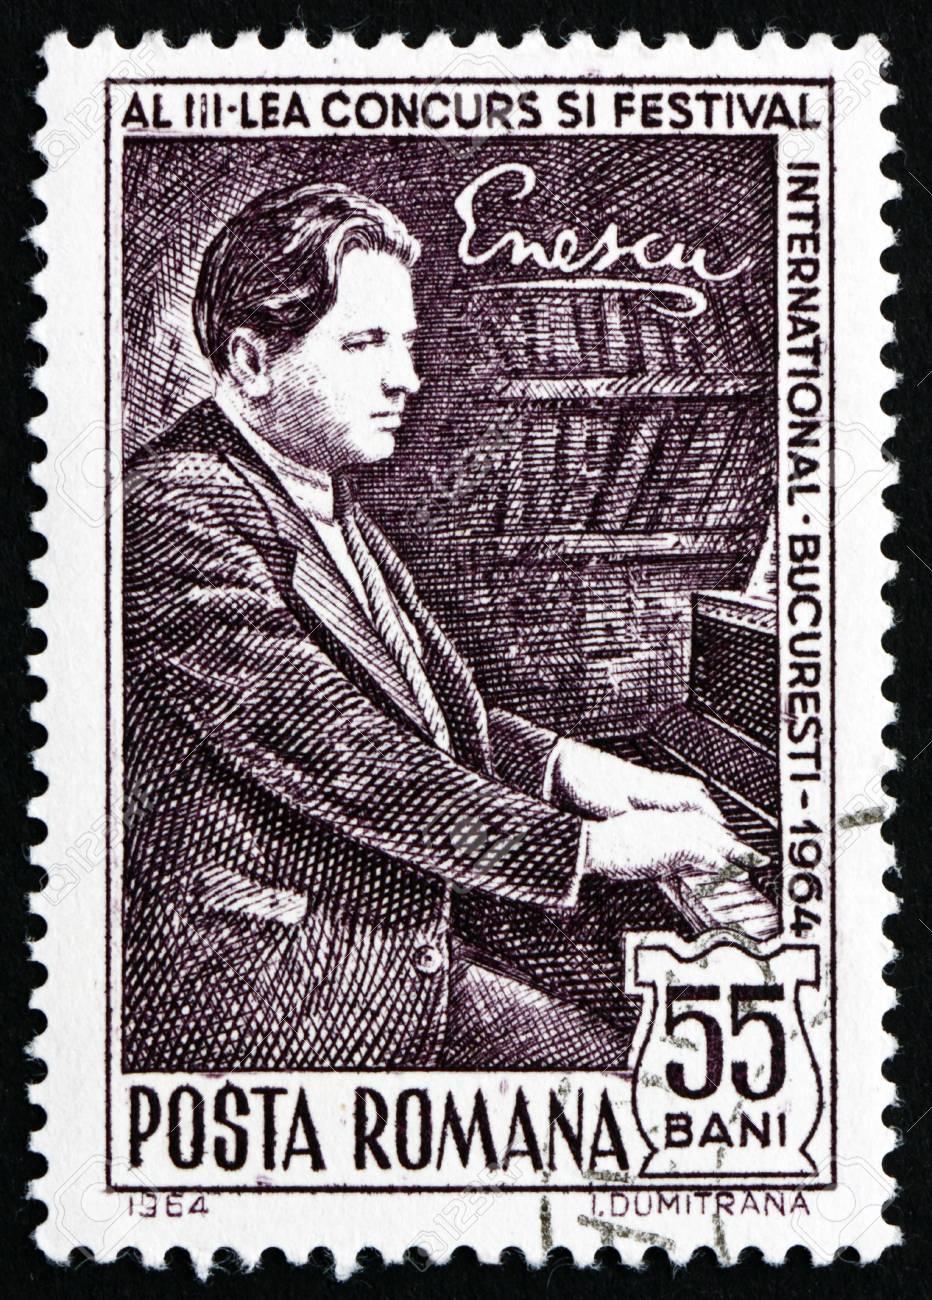 ROMANIA - CIRCA 1964: a stamp printed in the Romania shows George Enescu at Piano, Composer, circa 1964 Stock Photo - 17063410